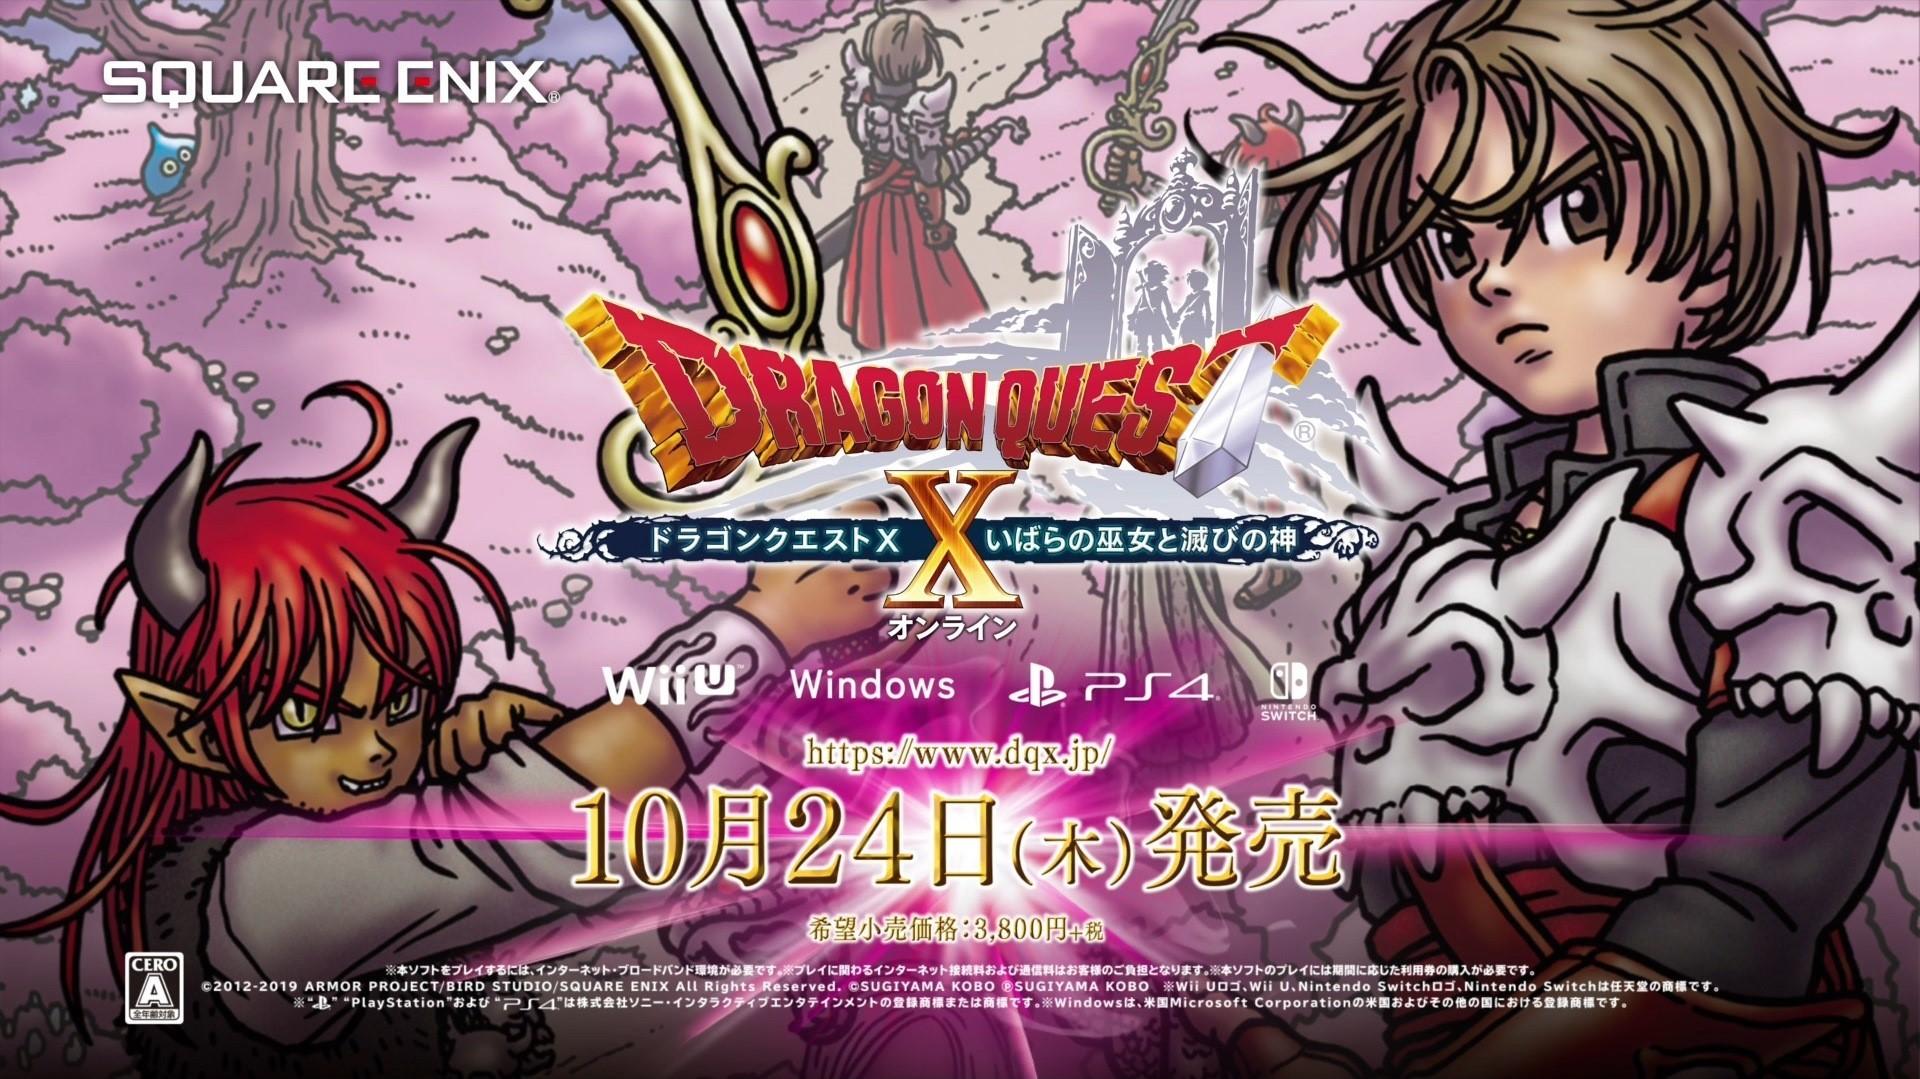 本日10 24発売の ドラゴンクエストx いばらの巫女と滅びの神